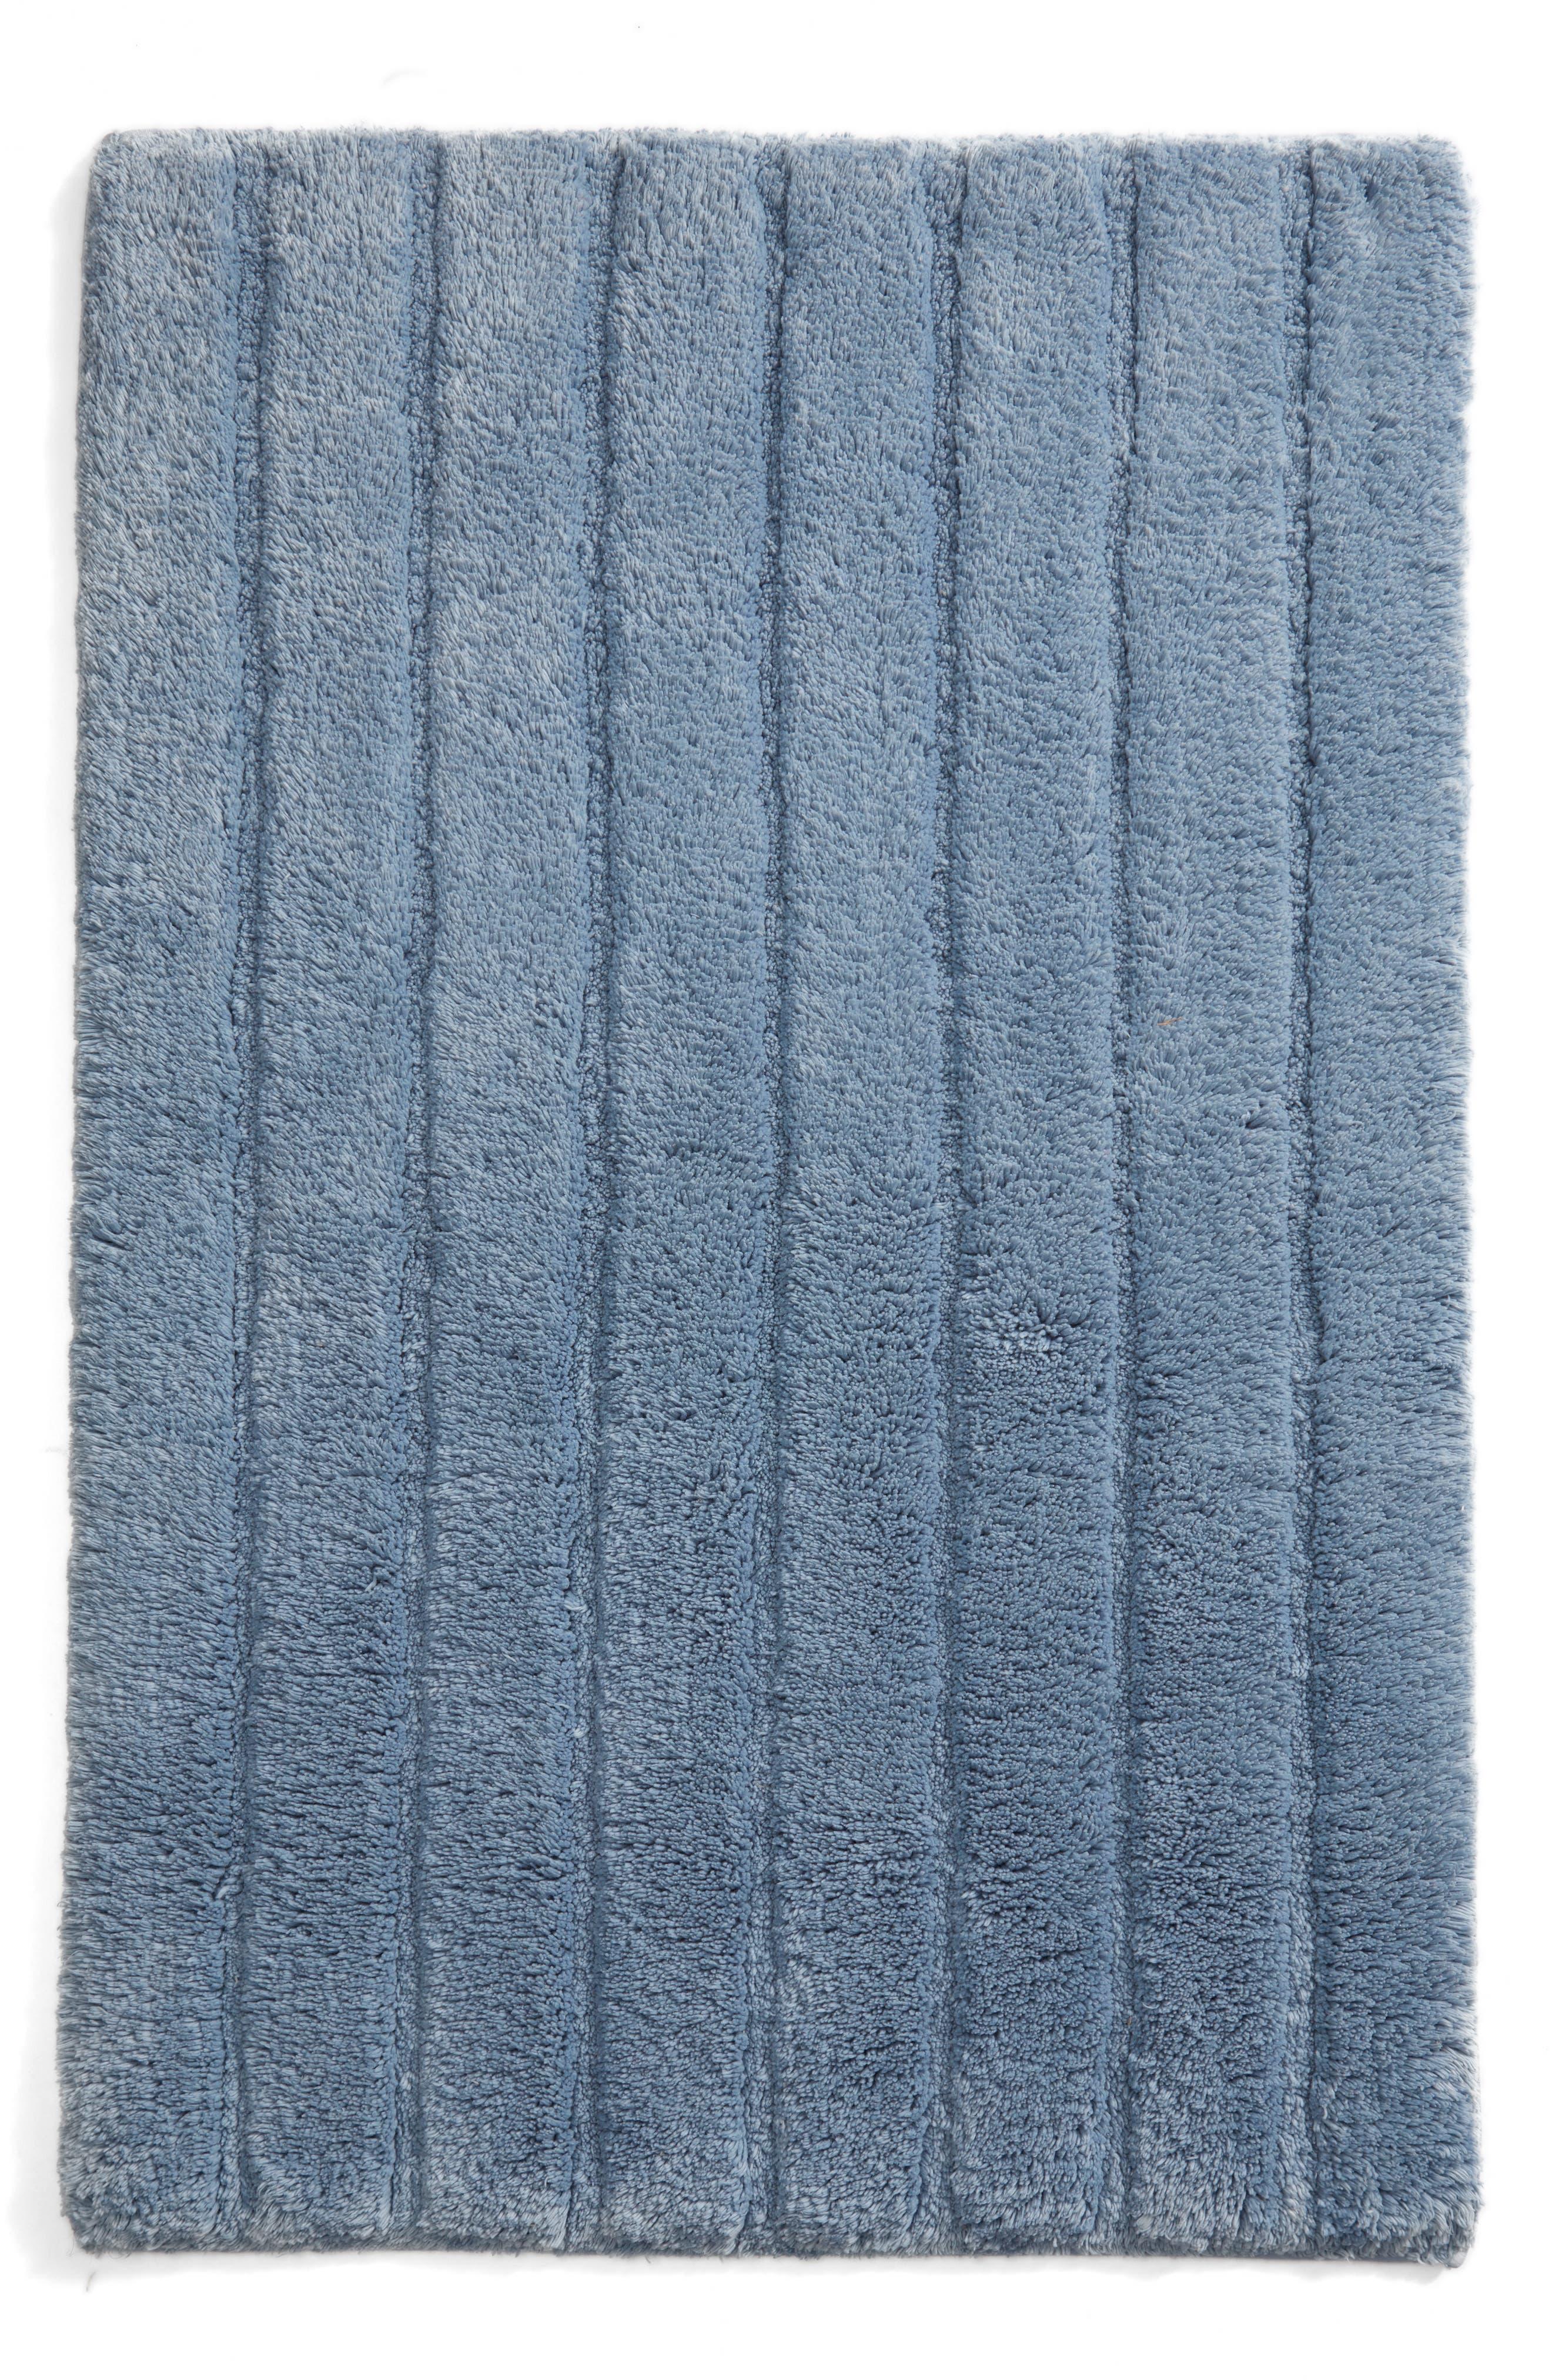 Ribbed Velour Bath Rug,                             Main thumbnail 1, color,                             Blue Chambray